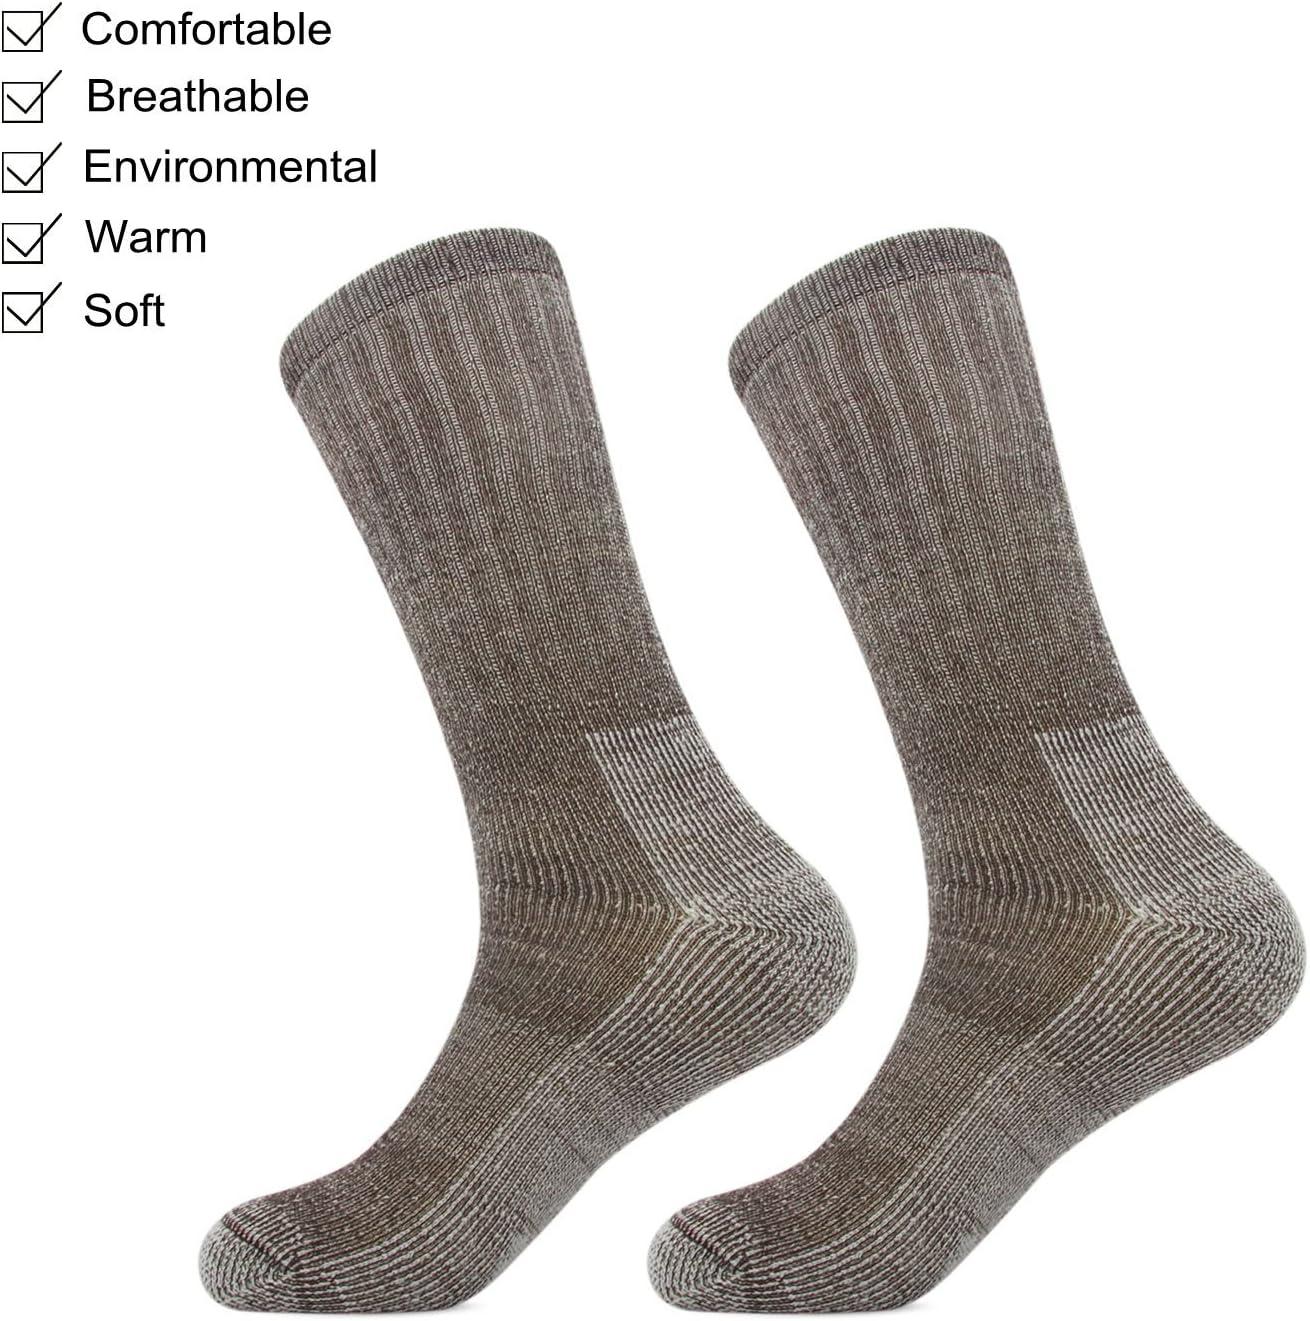 Tintadas a mano merino High Twist calcetines lana compartimento 4 100 G-Amatista Garden 2834